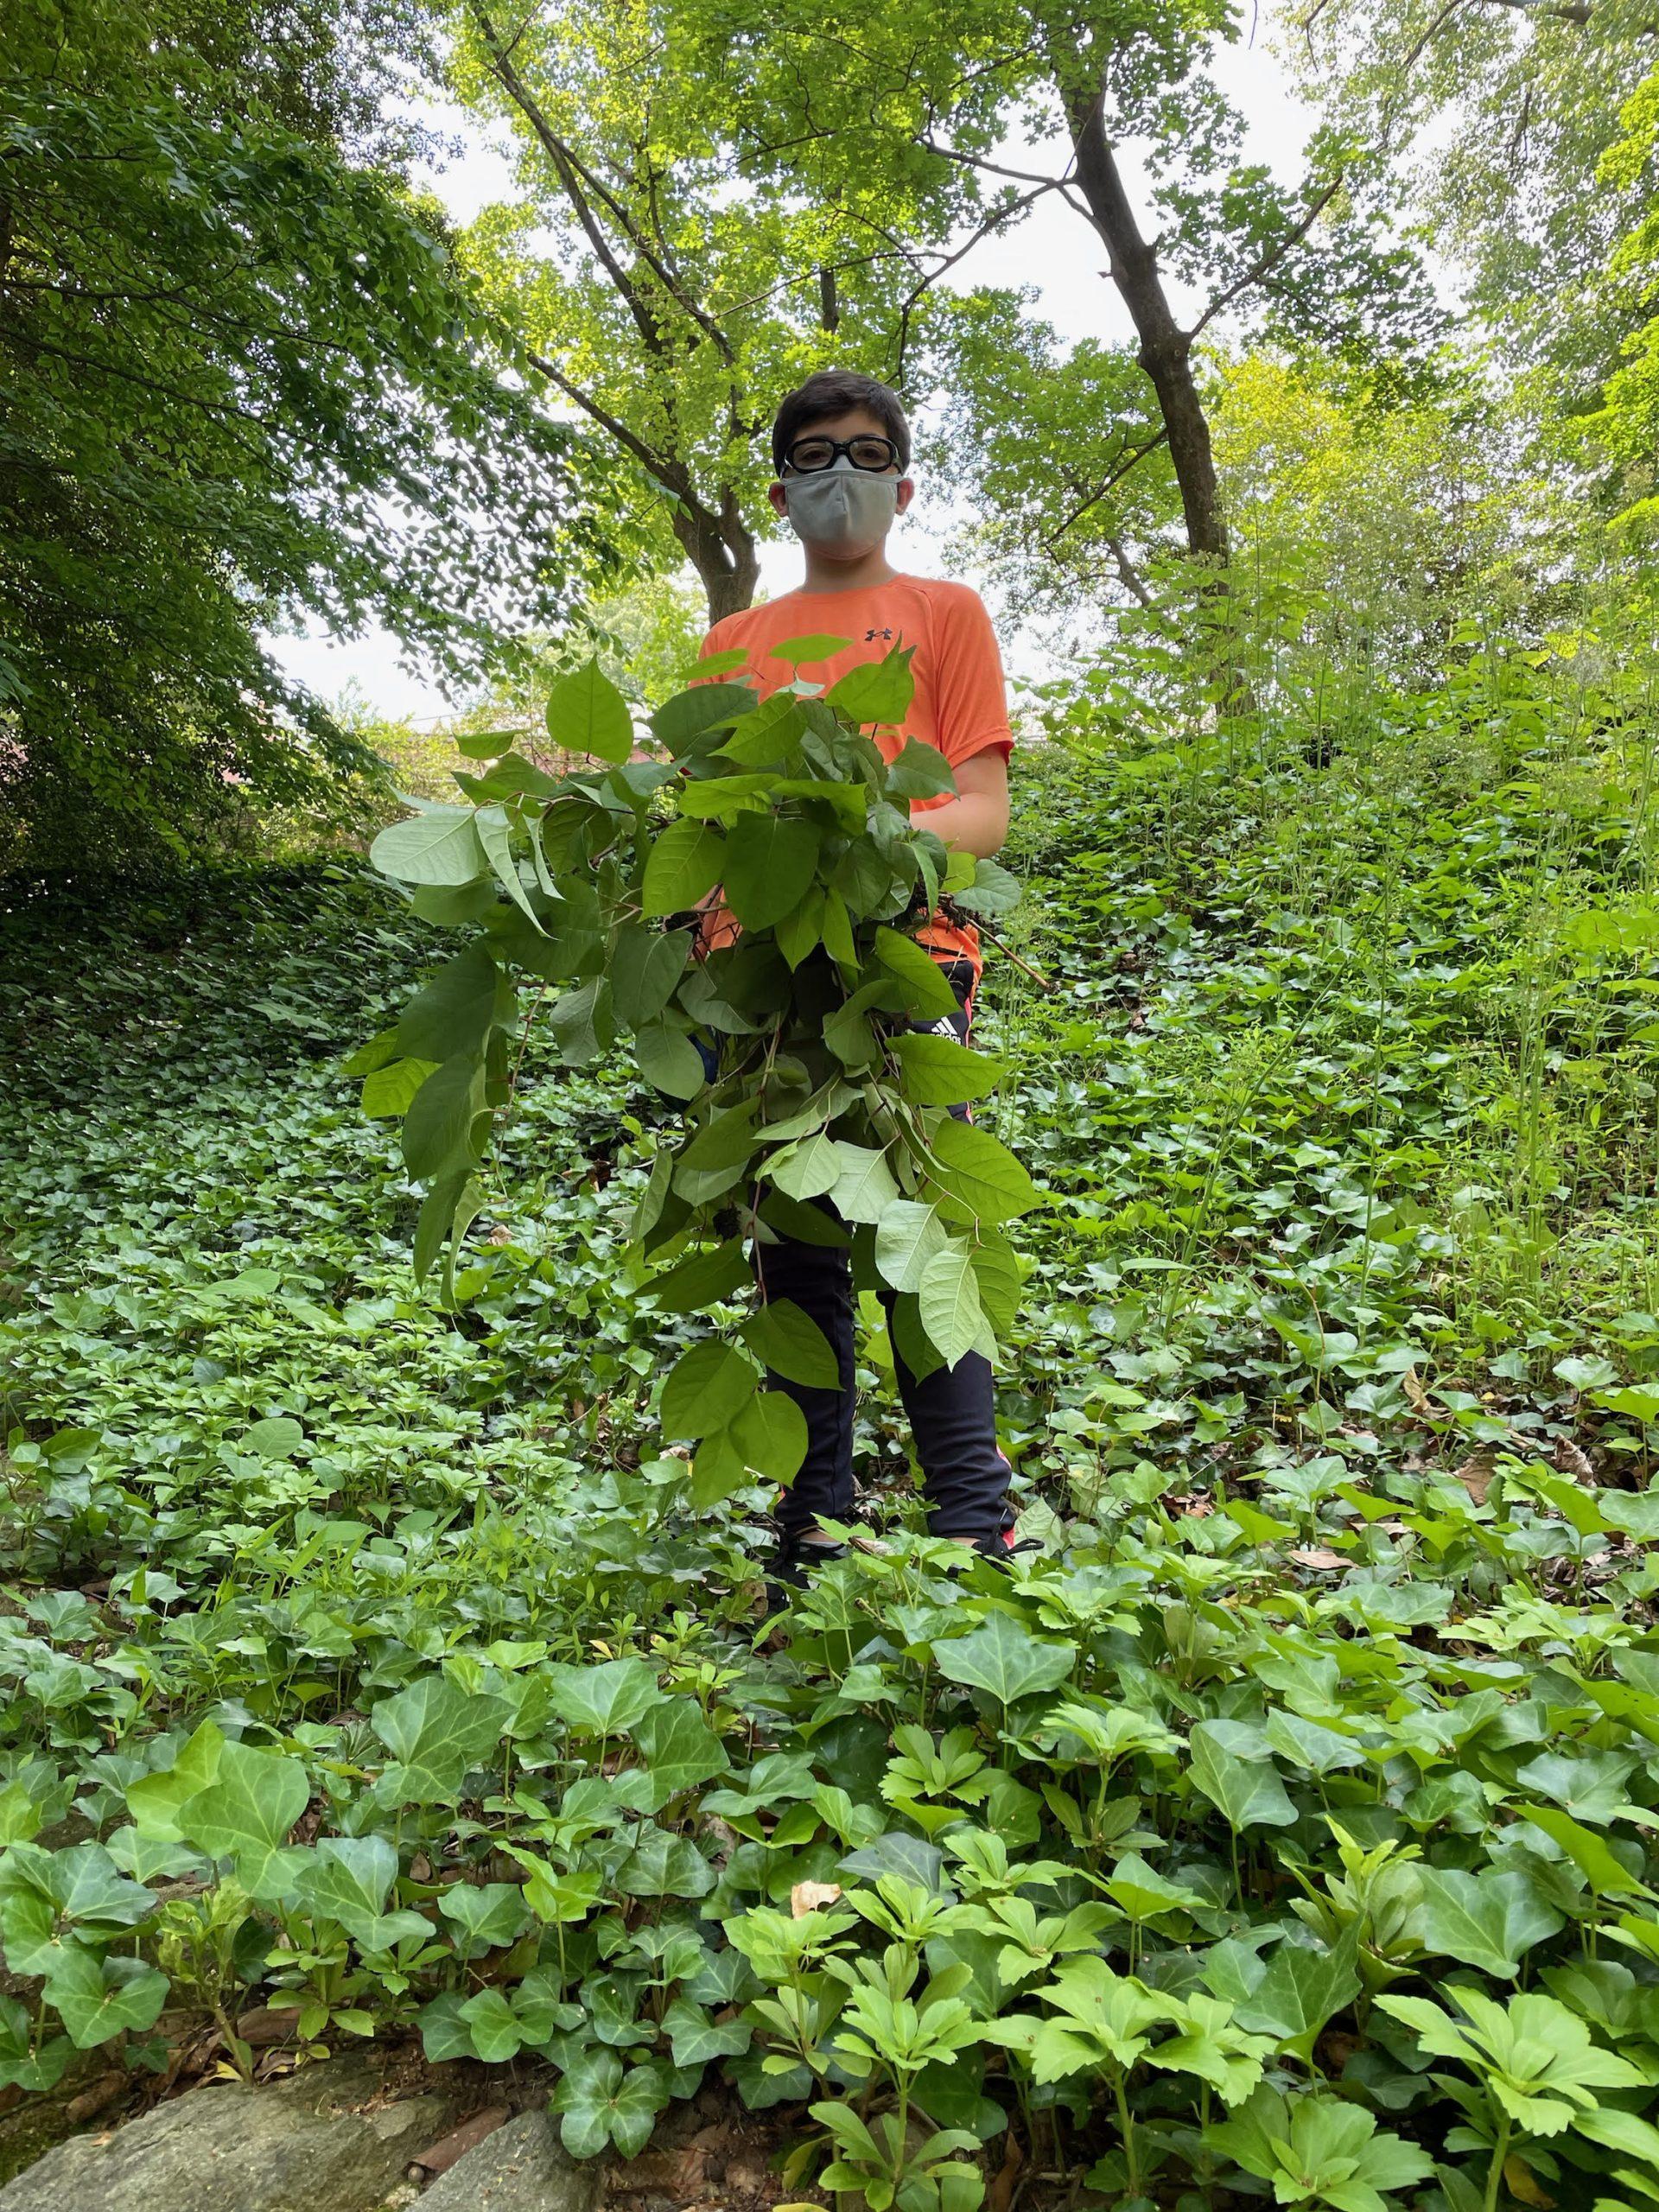 Griffin Miller weeding at Tregaron Conservancy